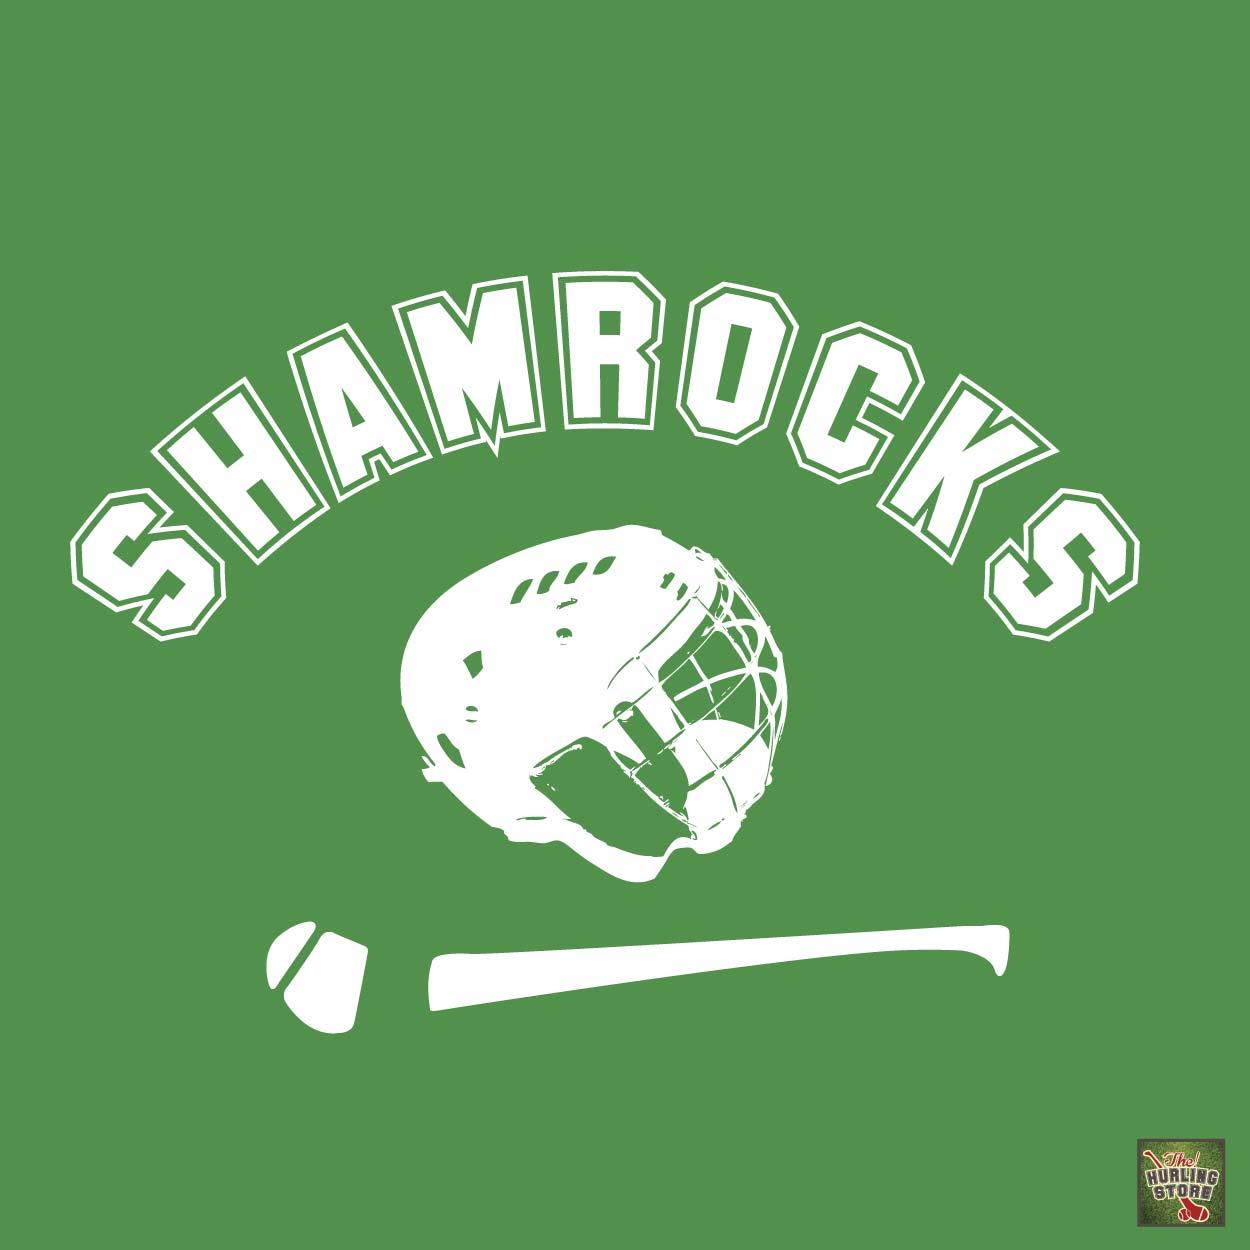 Shamrocks